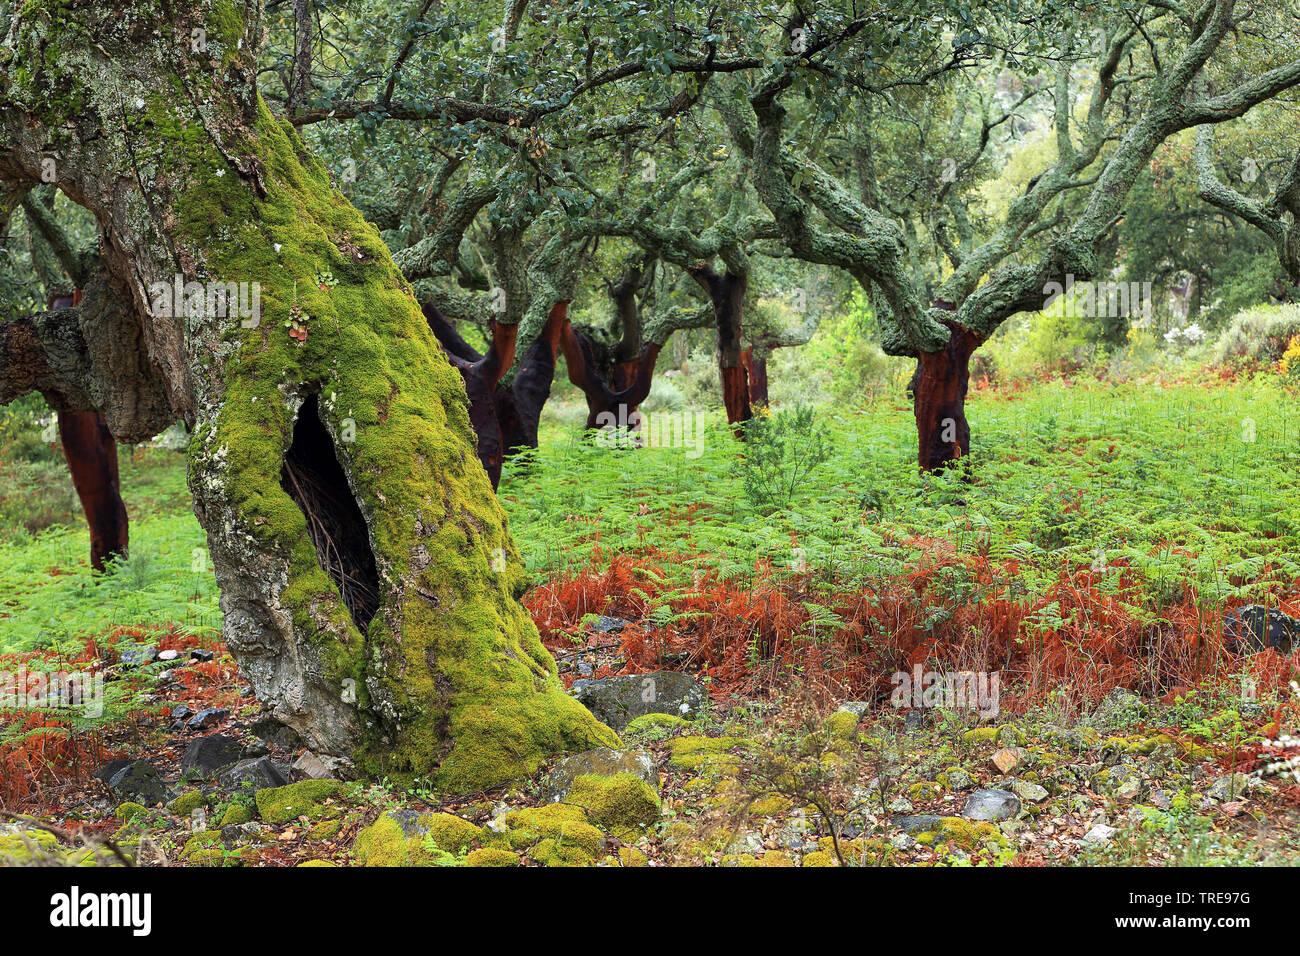 Korkeiche, Kork-Eiche (Quercus suber), Korkeichenwald mit Adlerfarn, Spanien, Extremadura, Berzocana   cork oak (Quercus suber), cork oak forest, Spai - Stock Image